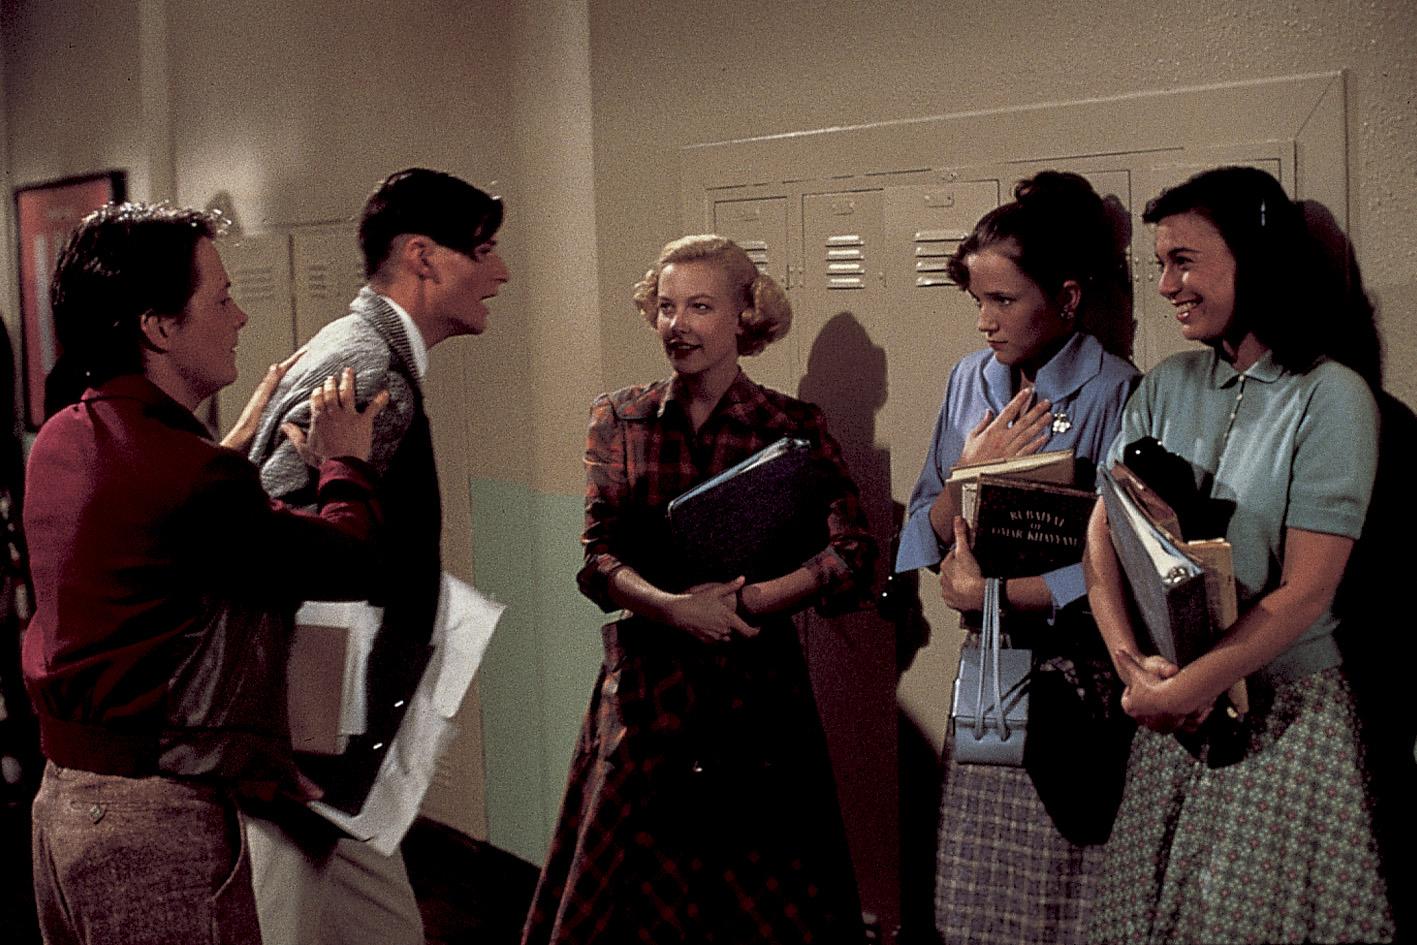 Filme der 80er: Michael J. Fox versucht als Marty McFly seinen Vater George von mehreren Mädchen wegzuzerren in Zurück in die Zukunft.